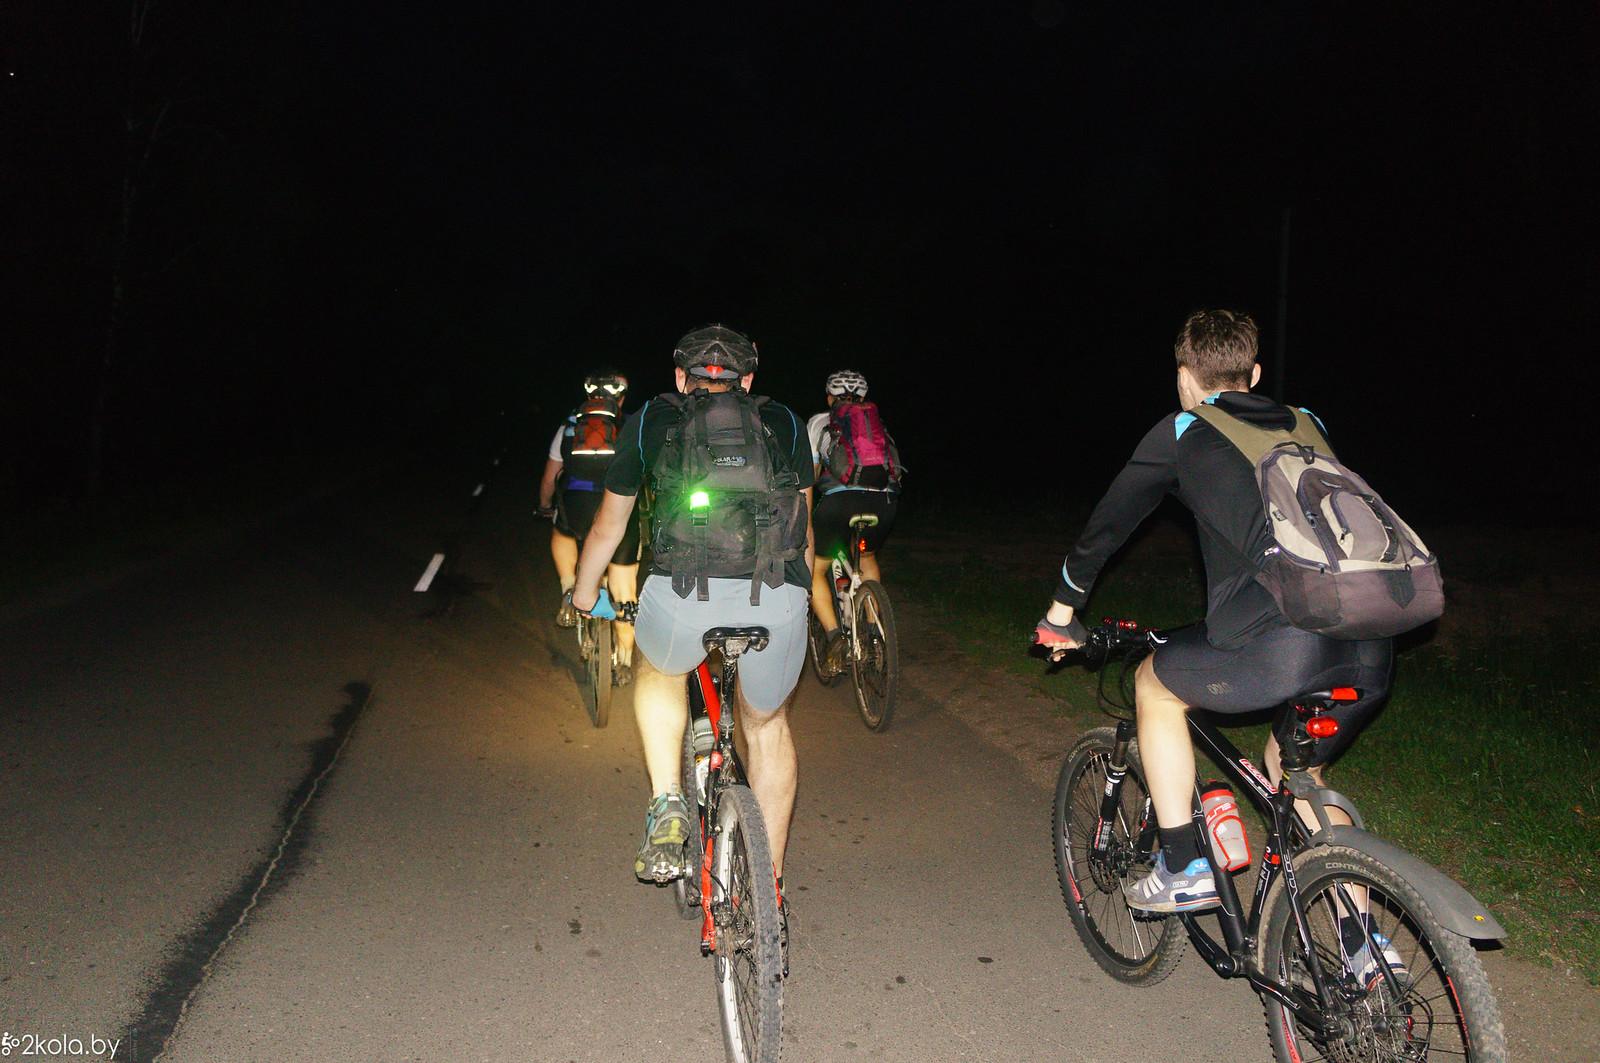 36262329551 f01defbe67 h - Ночная велопокатушка 2017 (Тимковичи - Люща)